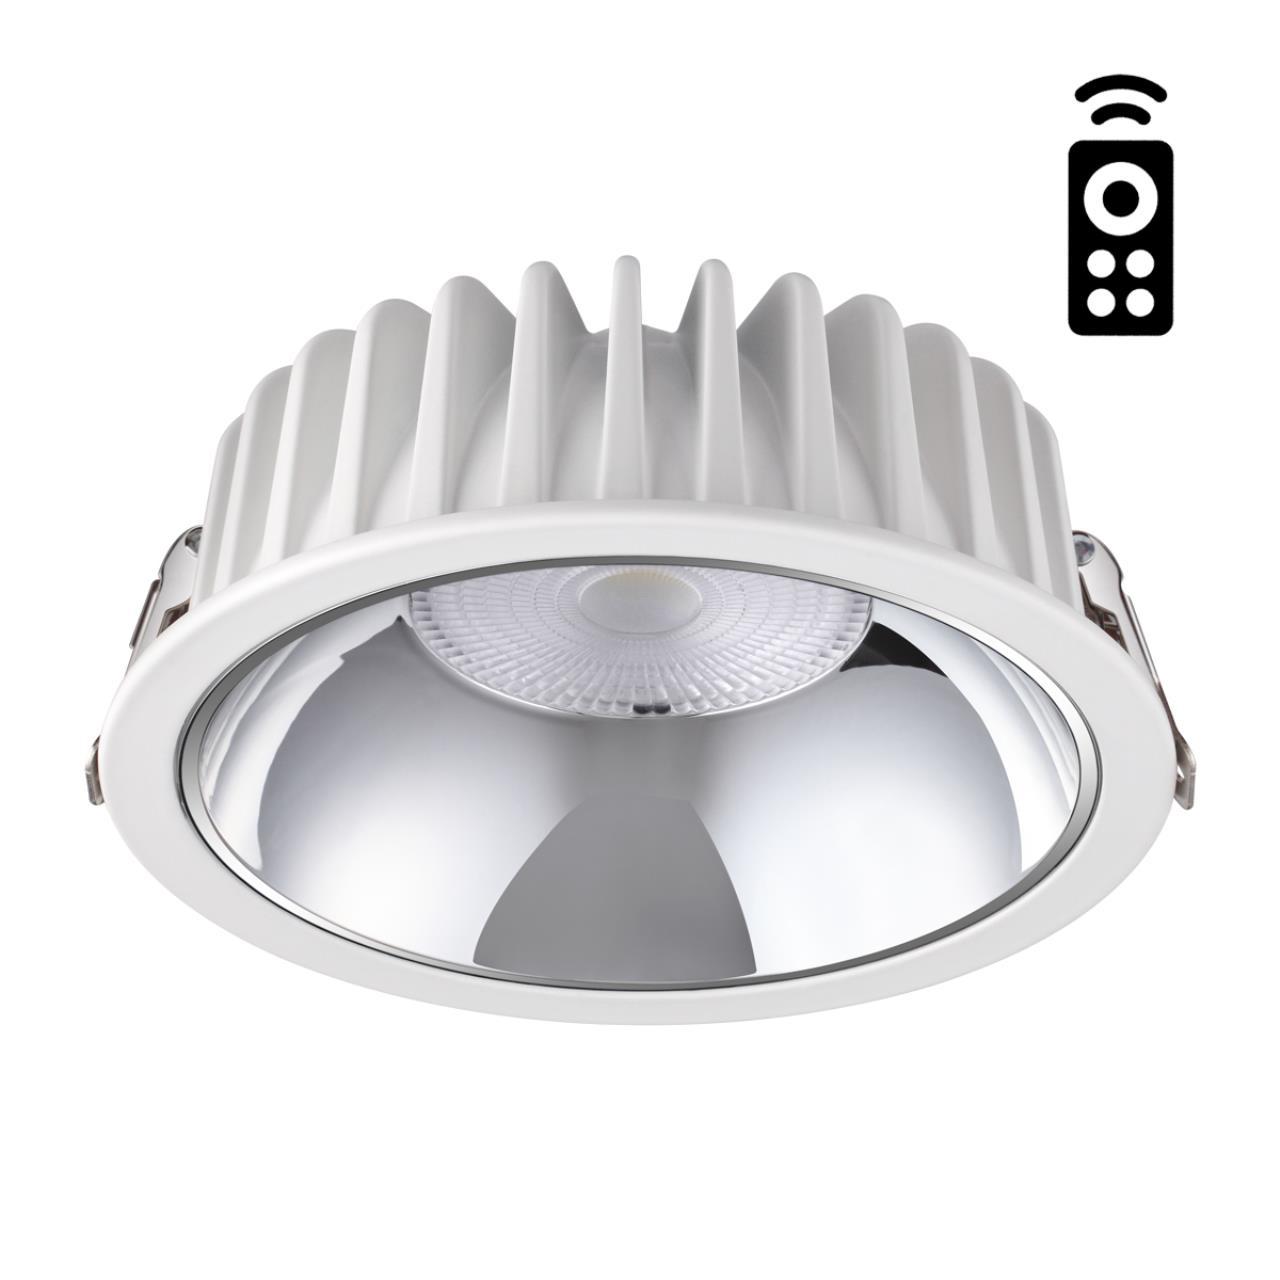 358298 SPOT NT19 000 белый Встраиваемый диммируемый светильник с пультом ДУ IP20 LED 3000-6500K 20W